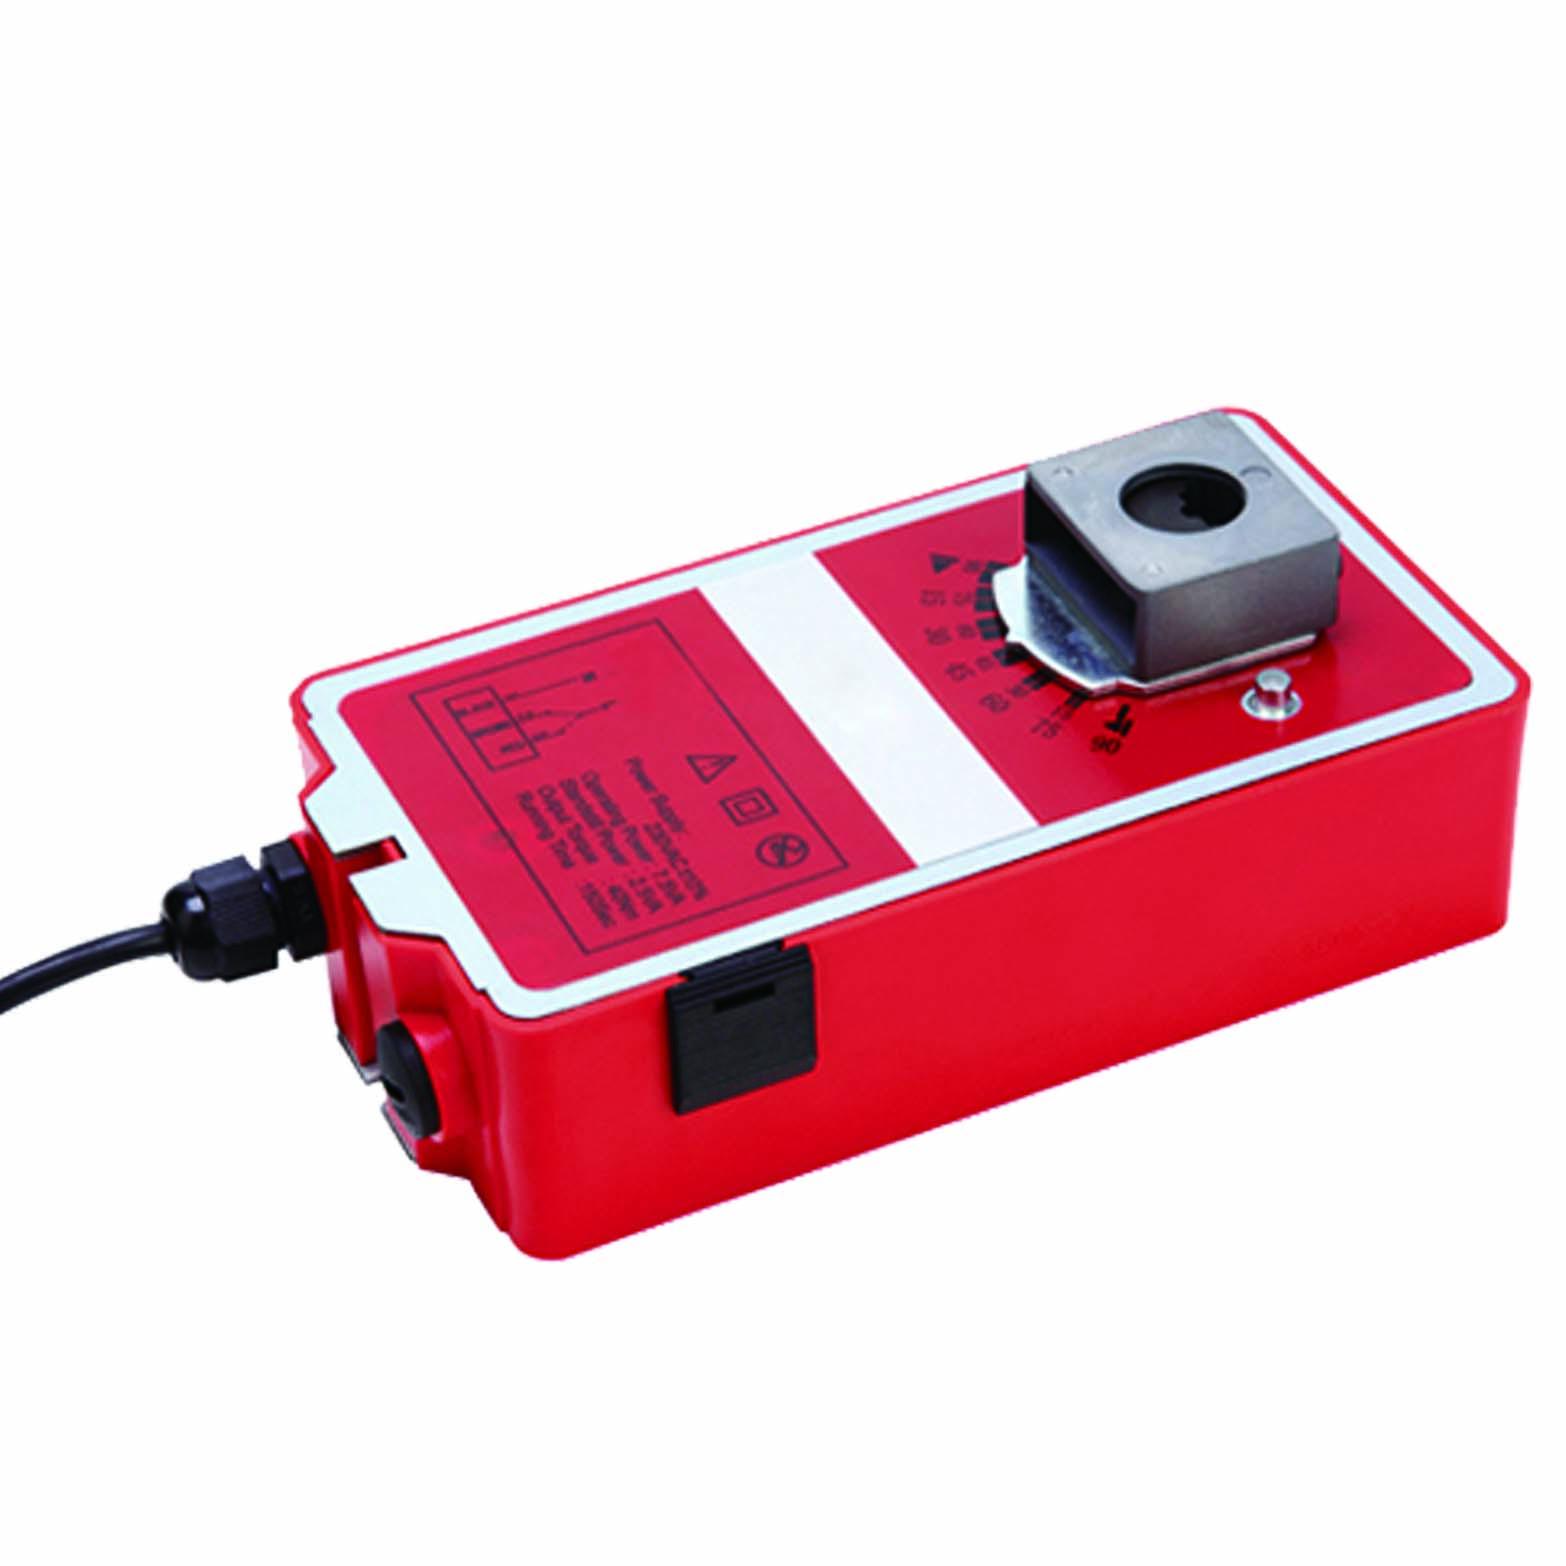 Floating Damper Actuator TD16/25/40 TA16/25/40 #A22F29